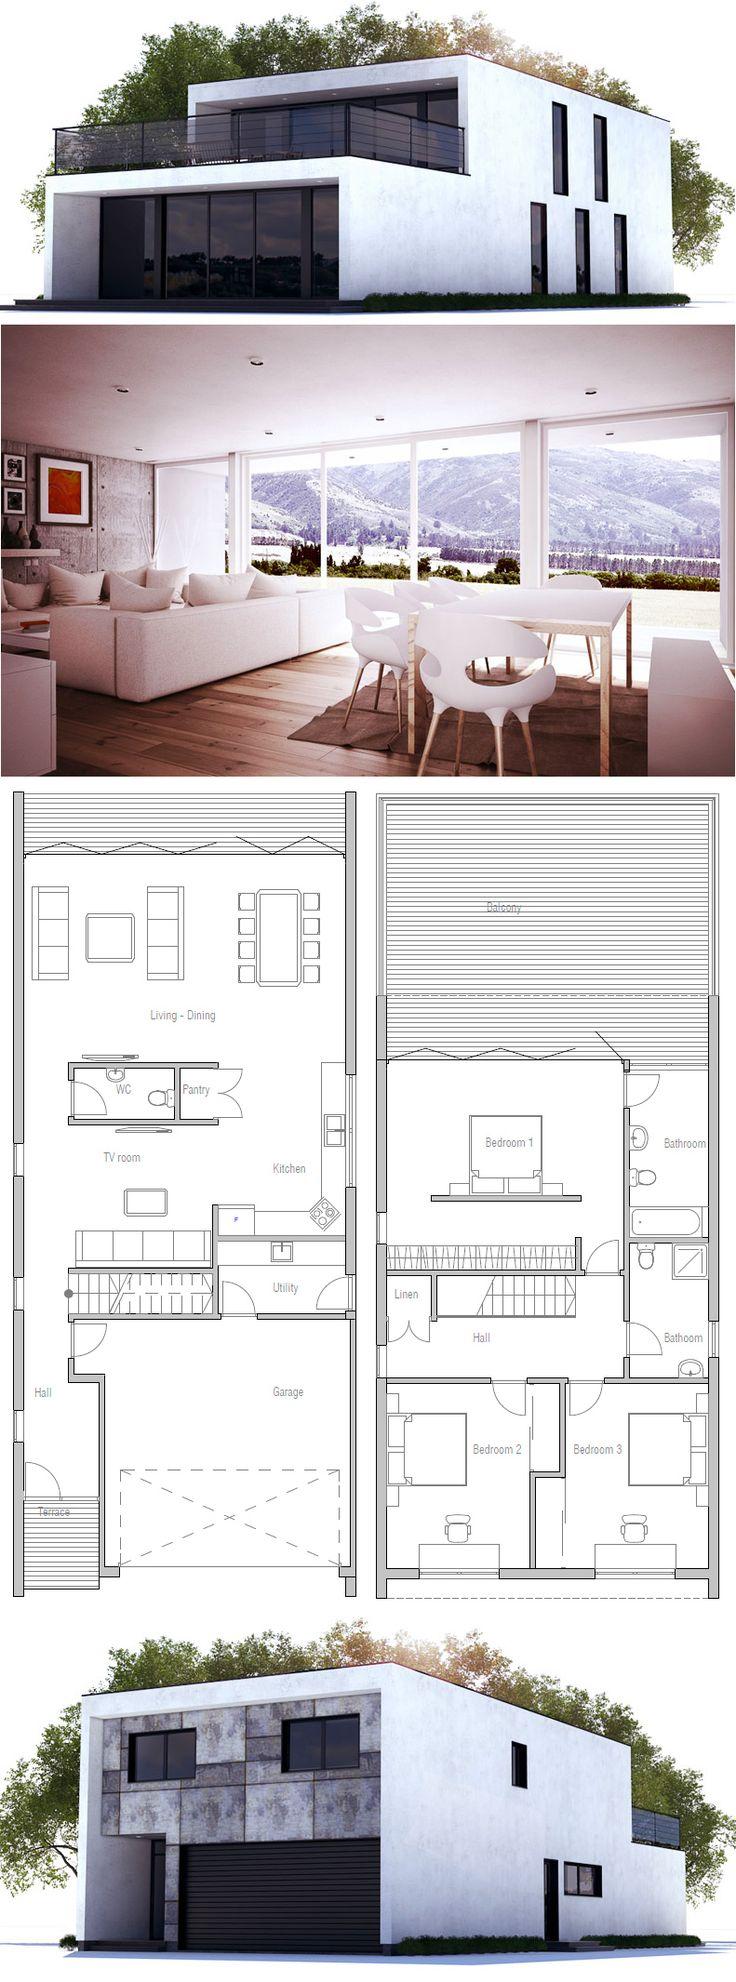 246 best shouse plans images on pinterest for Shouse ideas